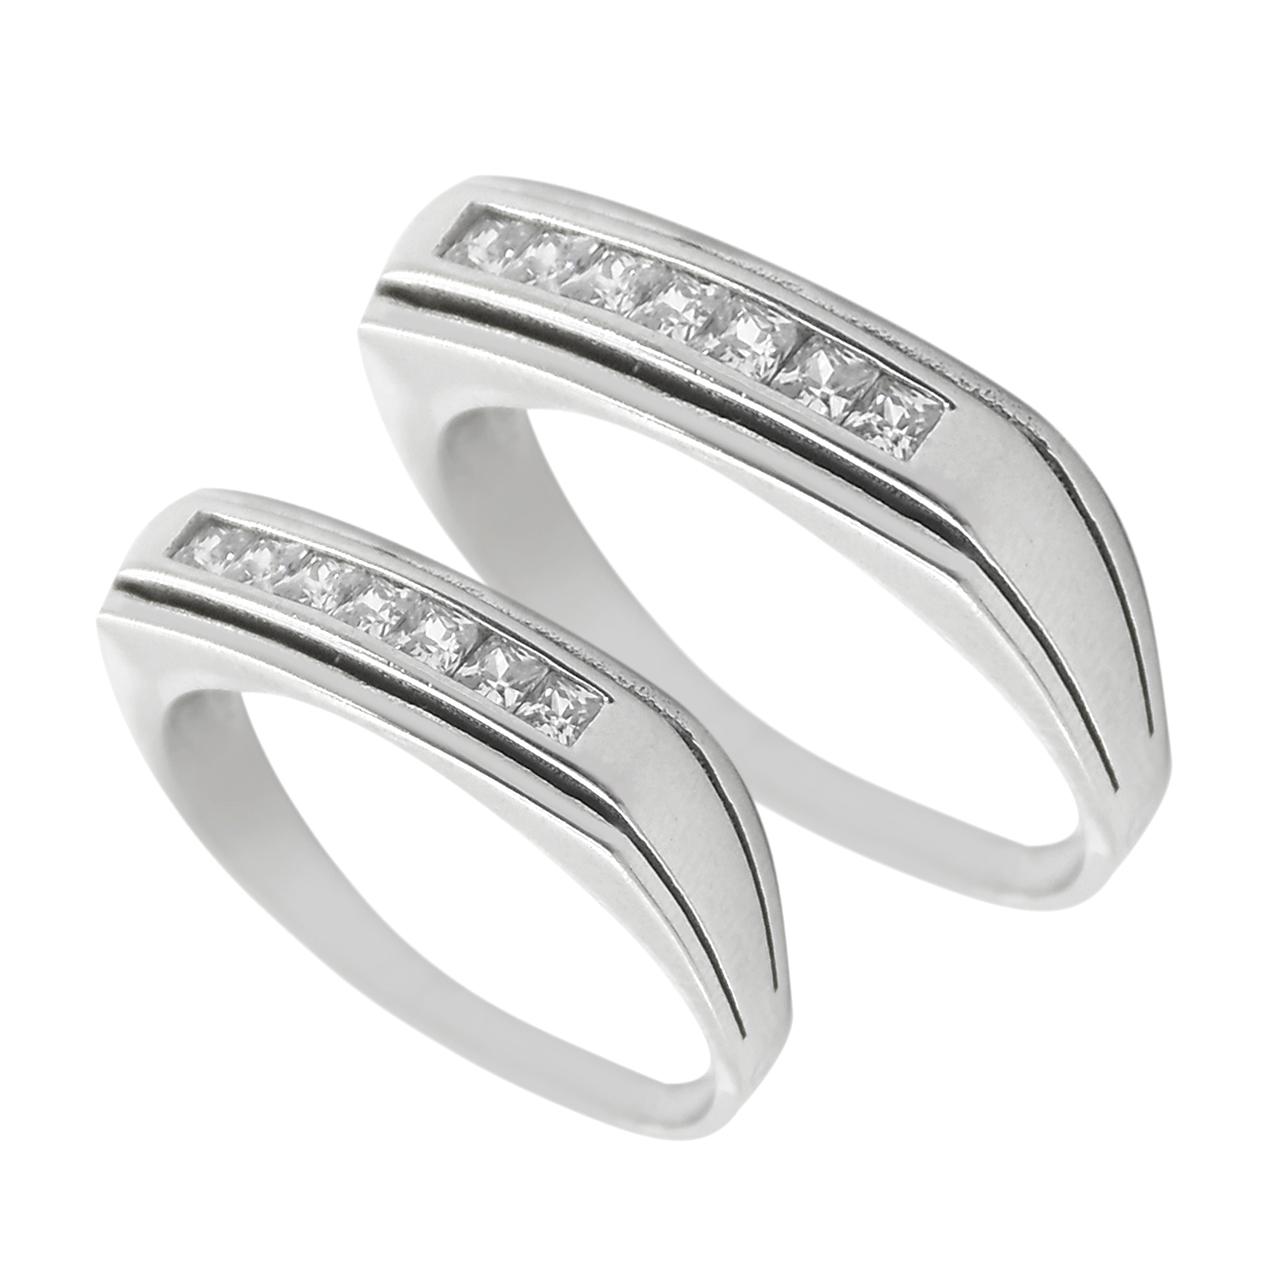 ست انگشتر نقره زنانه و مردانه مدل ghj009802